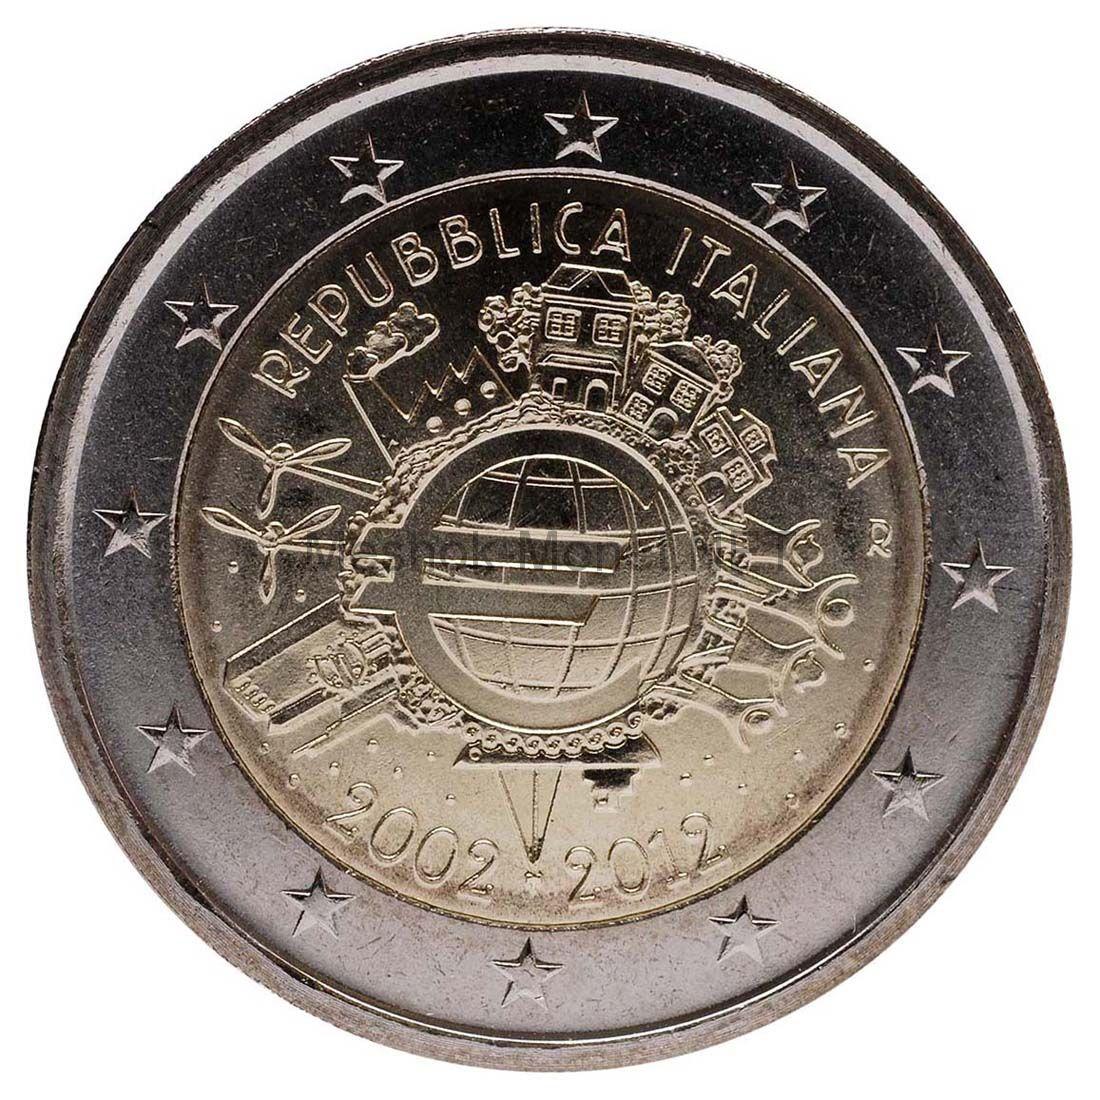 Италия 2 евро 2012, 10 лет наличному обращению евро